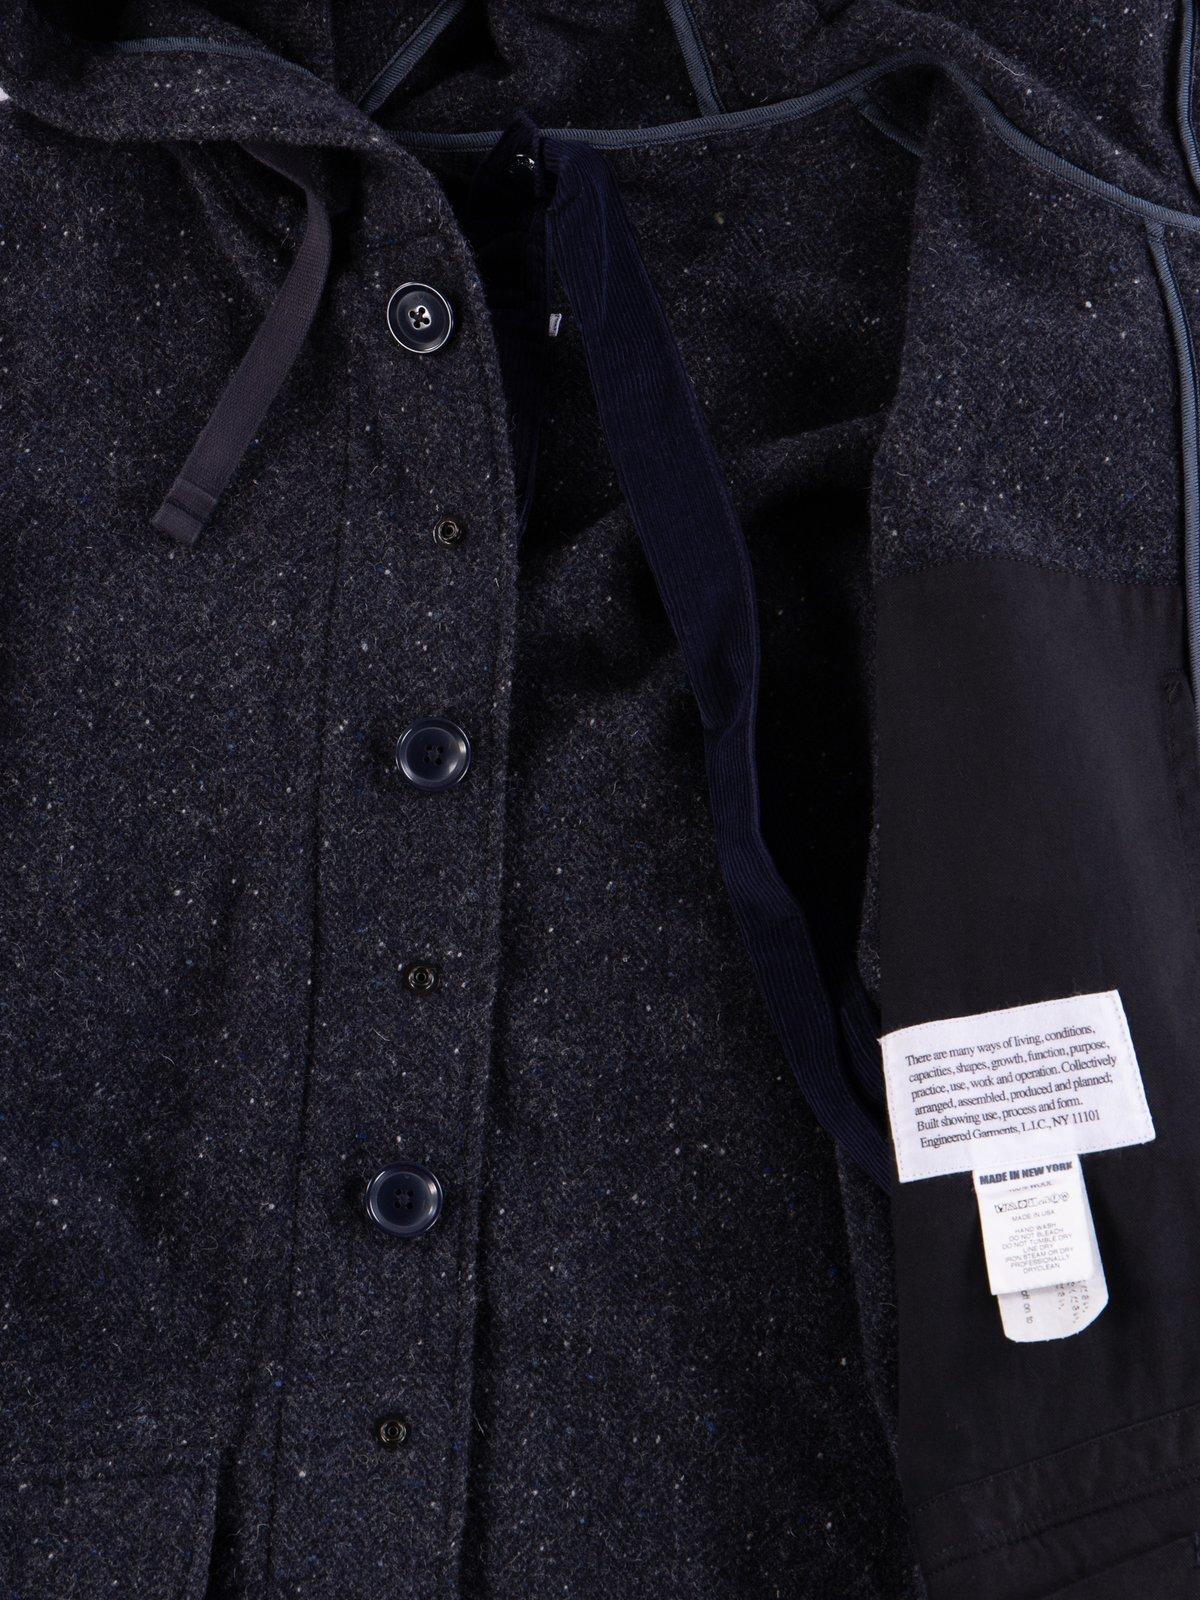 Navy Herringbone Donegal Wool Tweed Madison Parka - Image 9